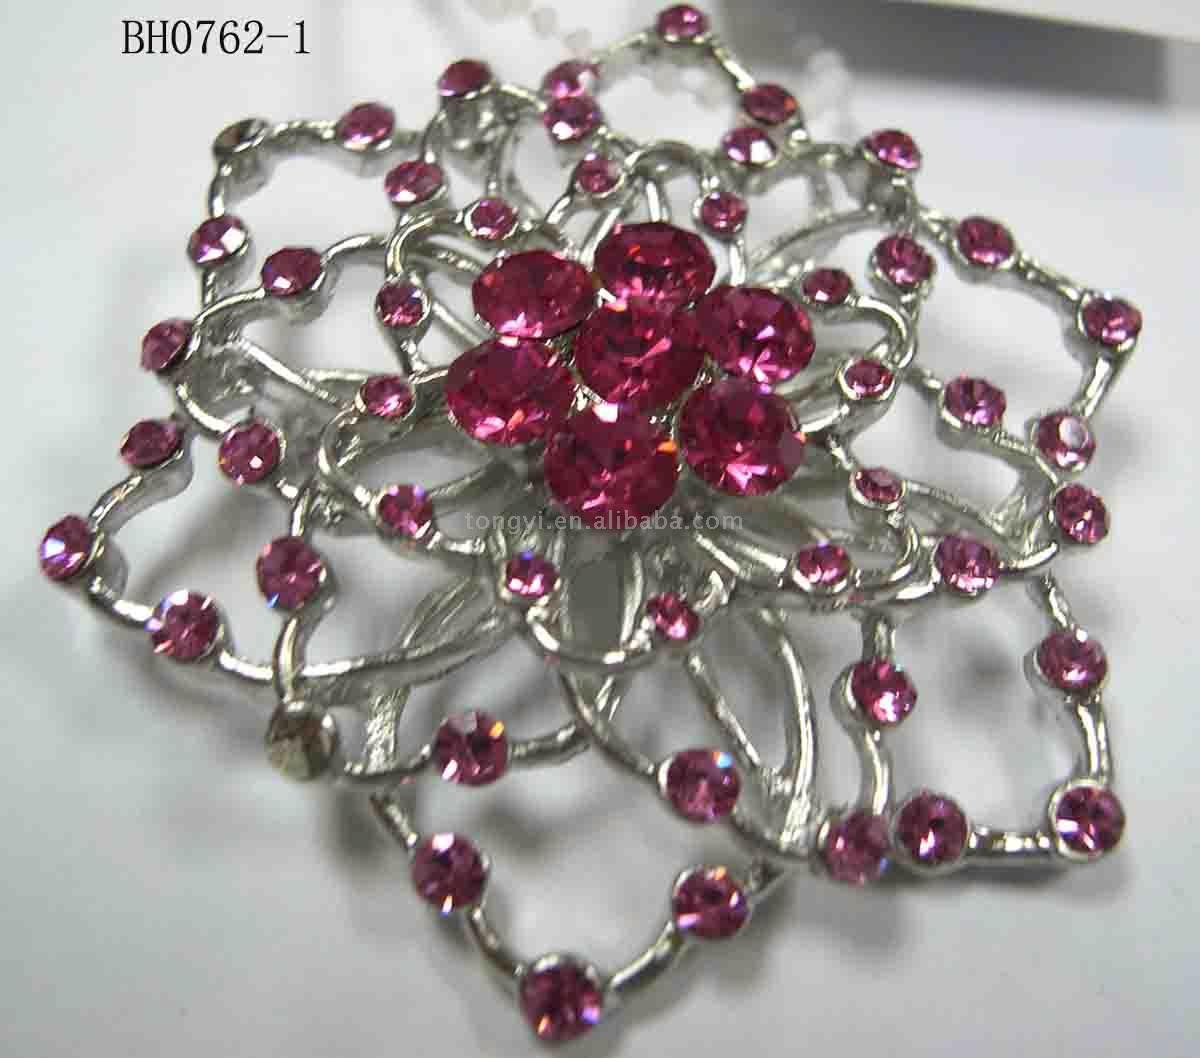 Brooch Ornament